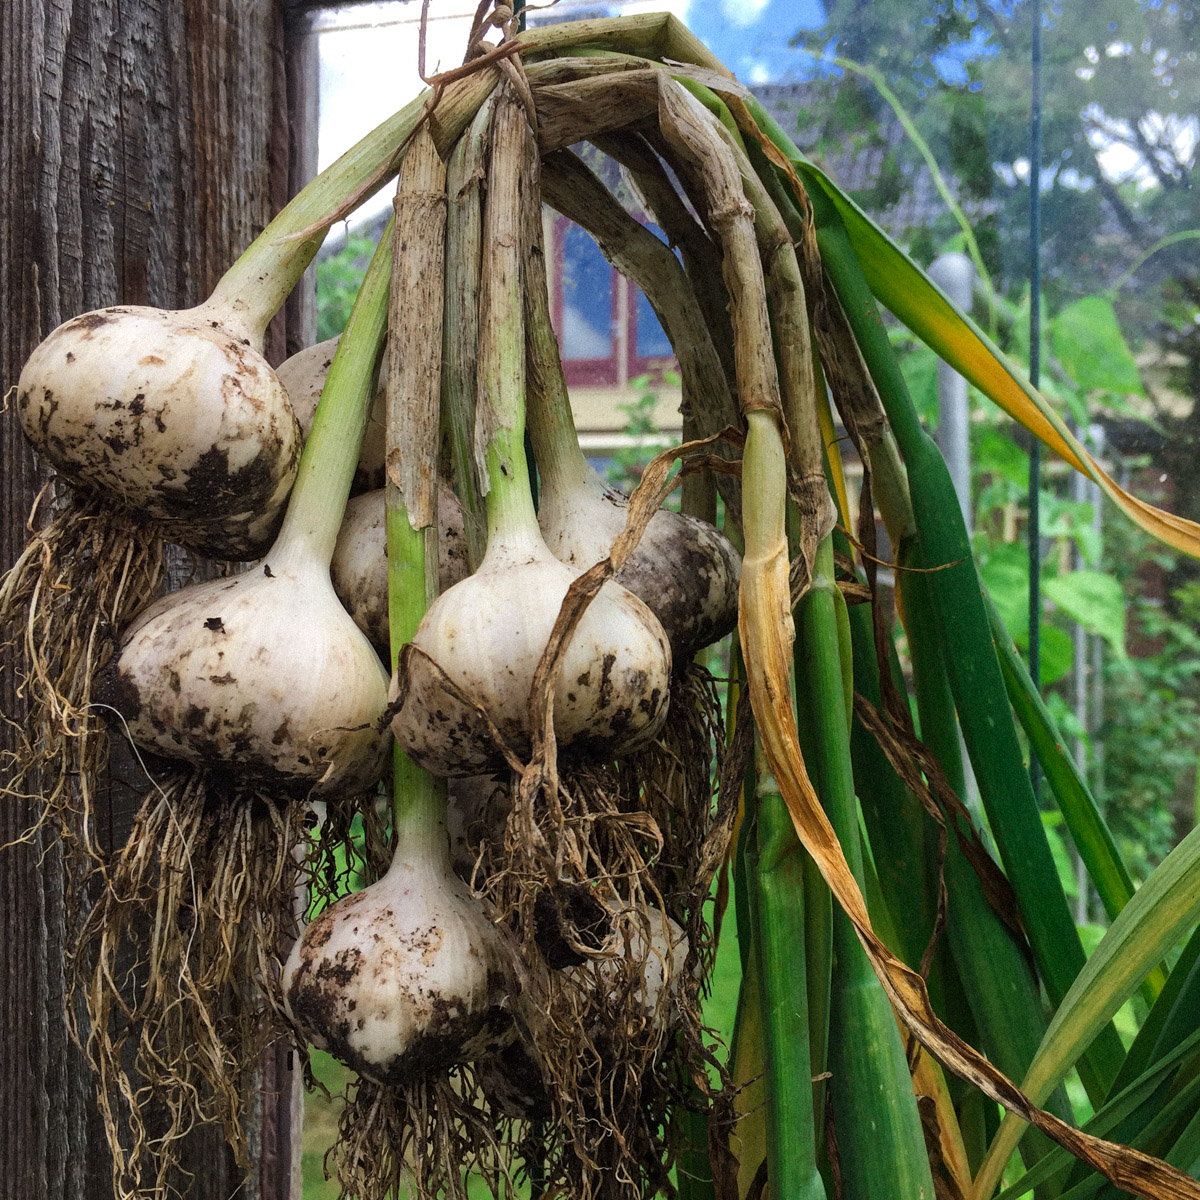 growing-garlic-in-your-vegetable-garden00007.jpg